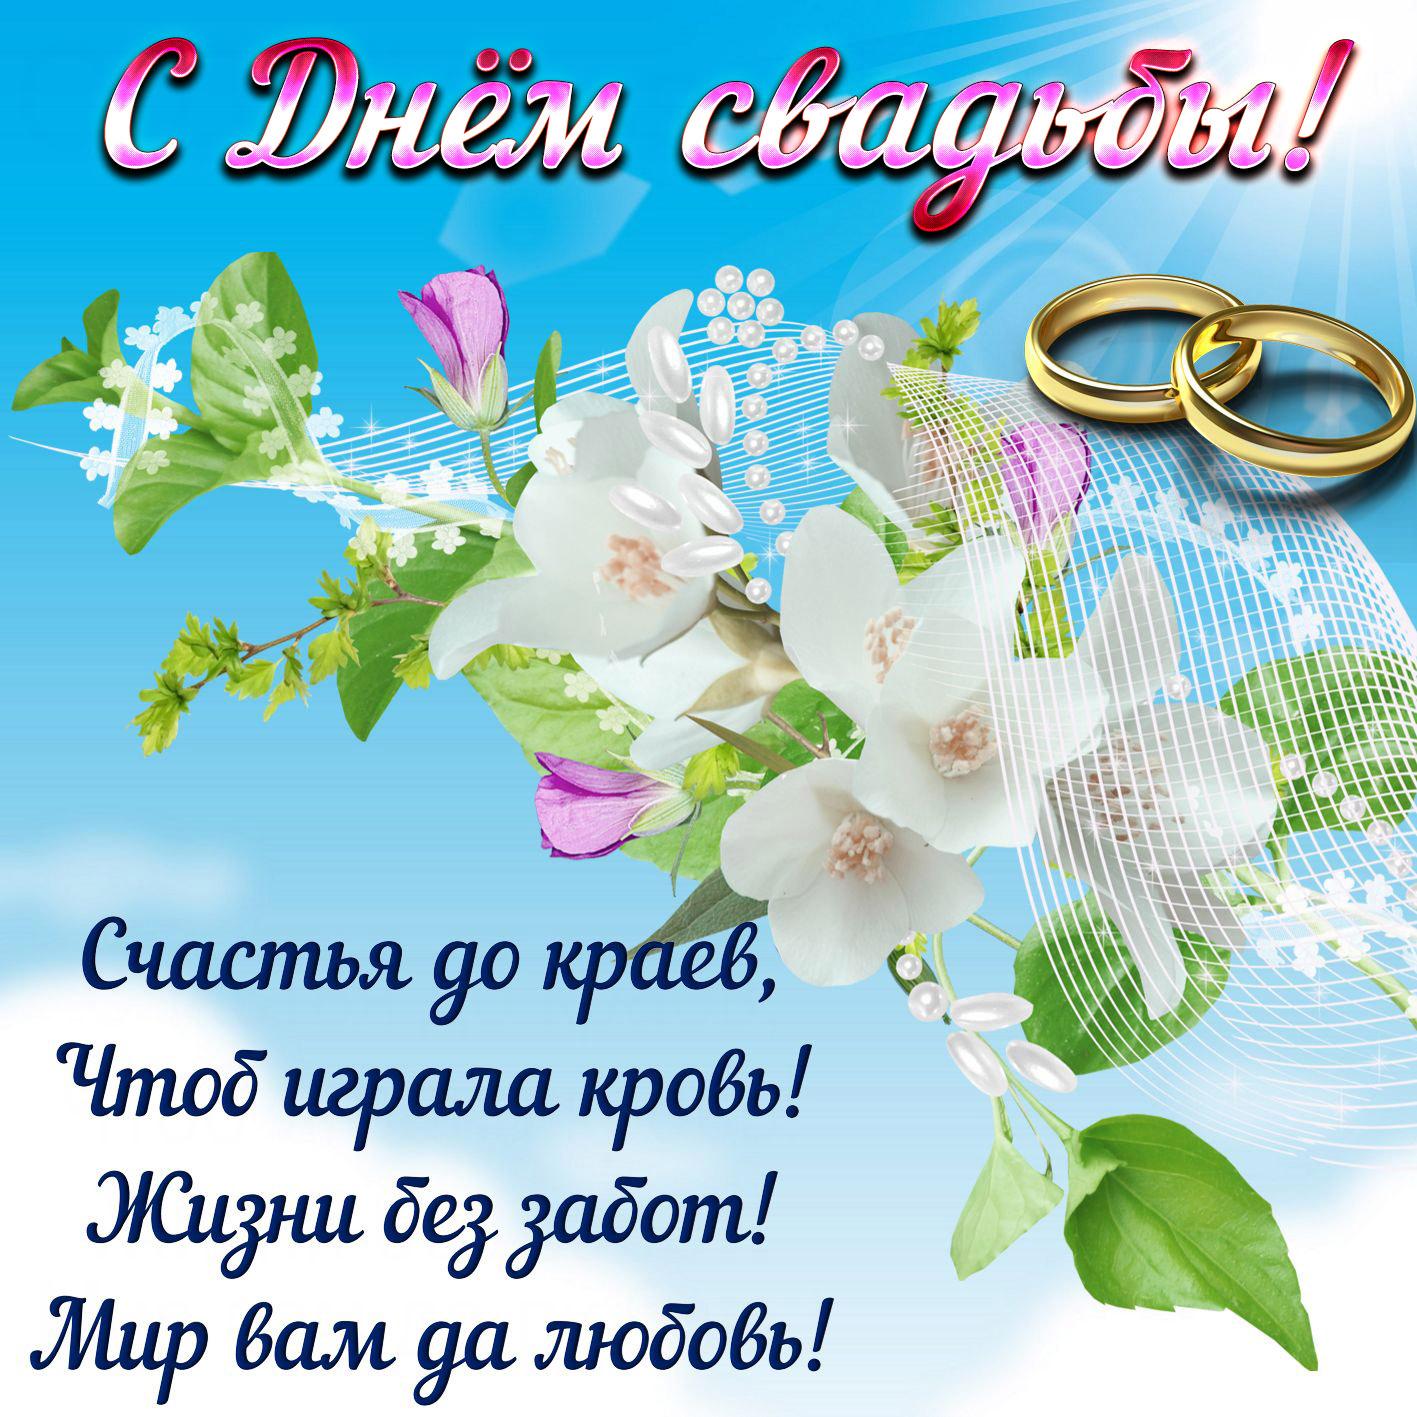 Открытки с юбилеем днем свадьбы